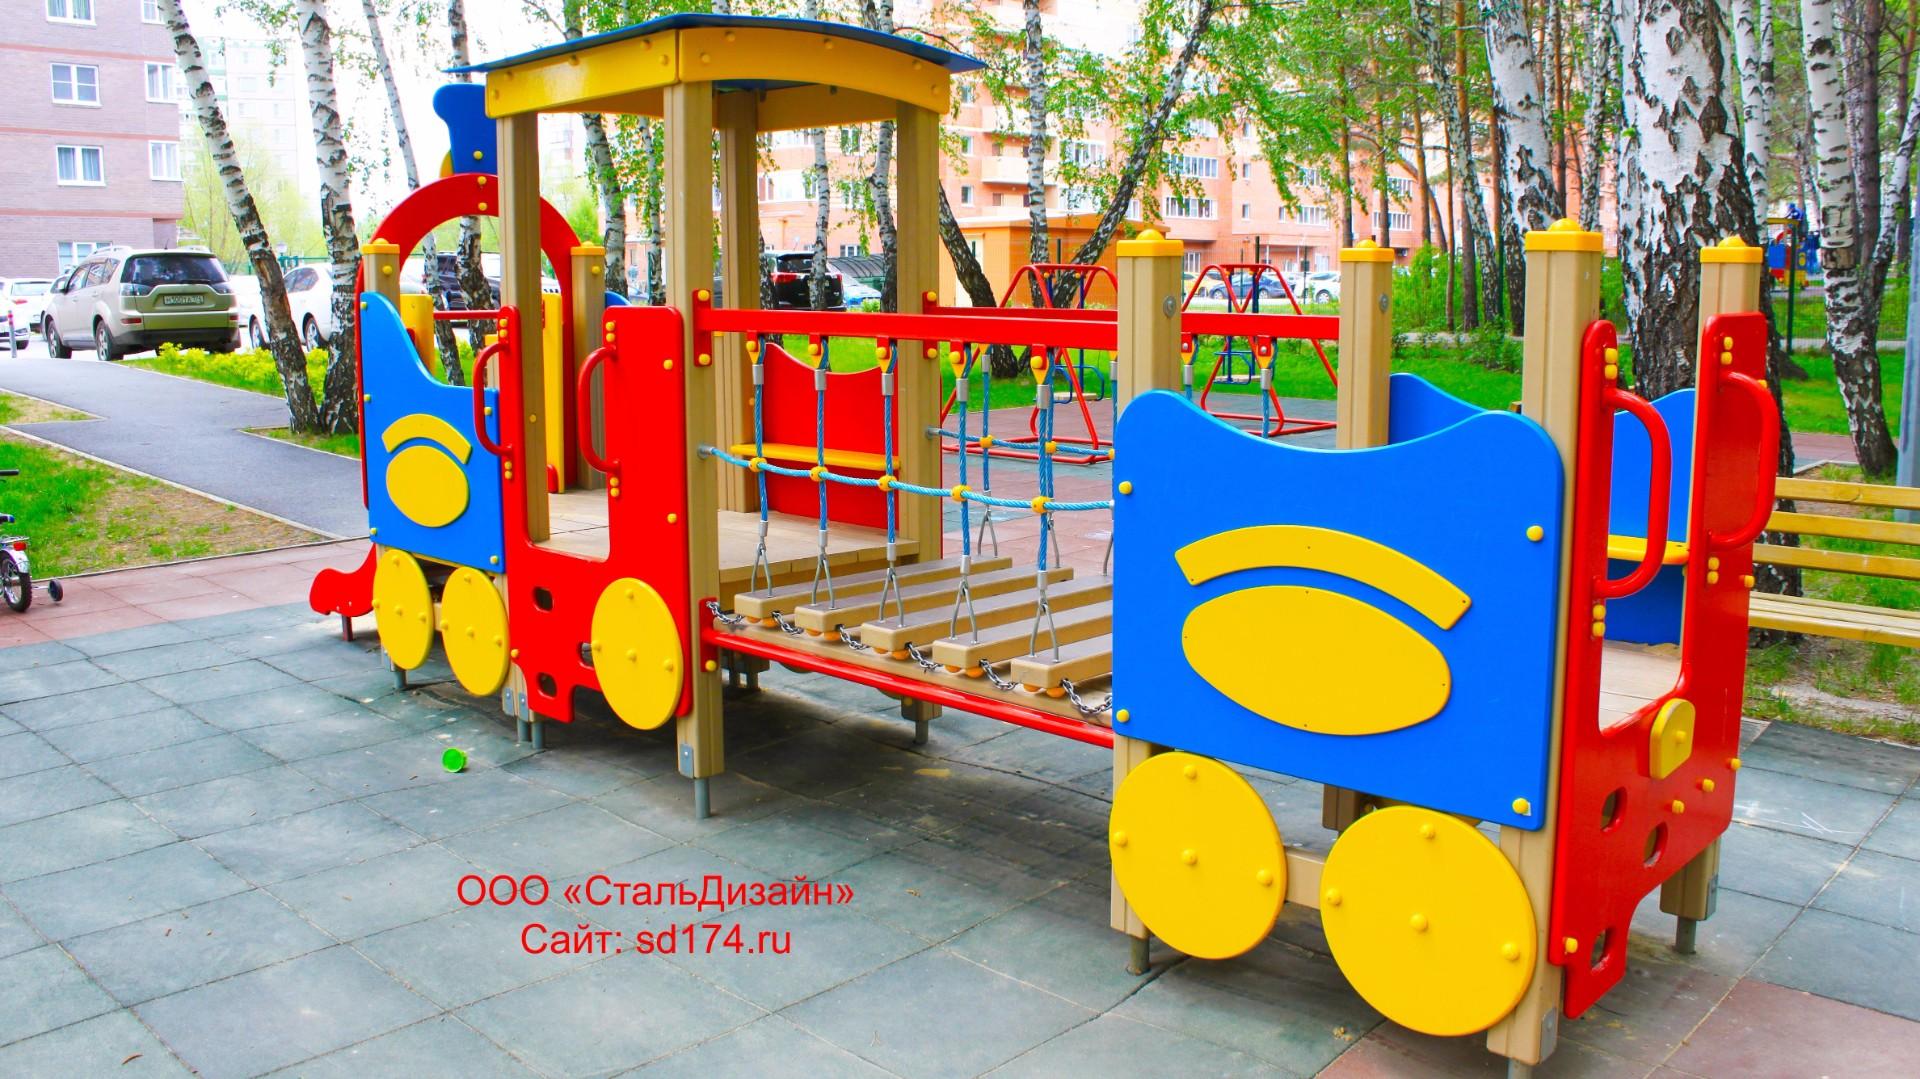 Поезд на детскую площадку своими руками 859